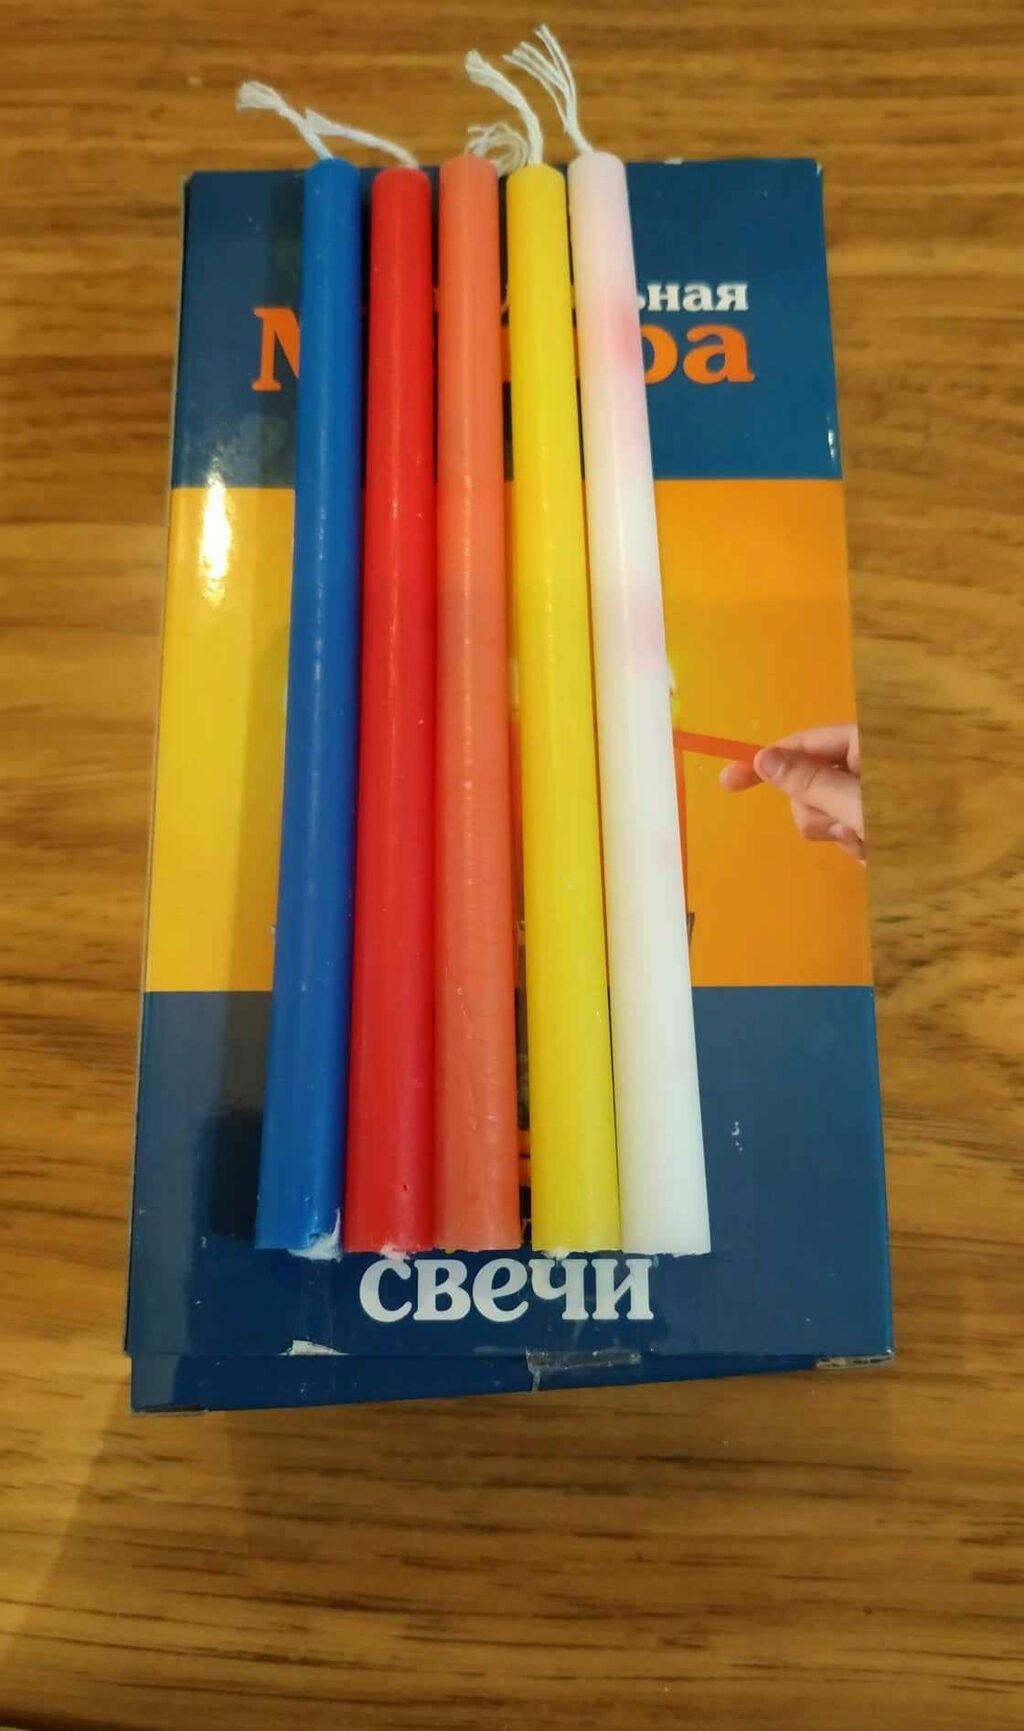 Свечи продаю. Длина 13 см. В коробке 40 штук. По 5 сом штука: Свечи продаю. Длина 13 см.  В коробке  40 штук.  По 5 сом штука.